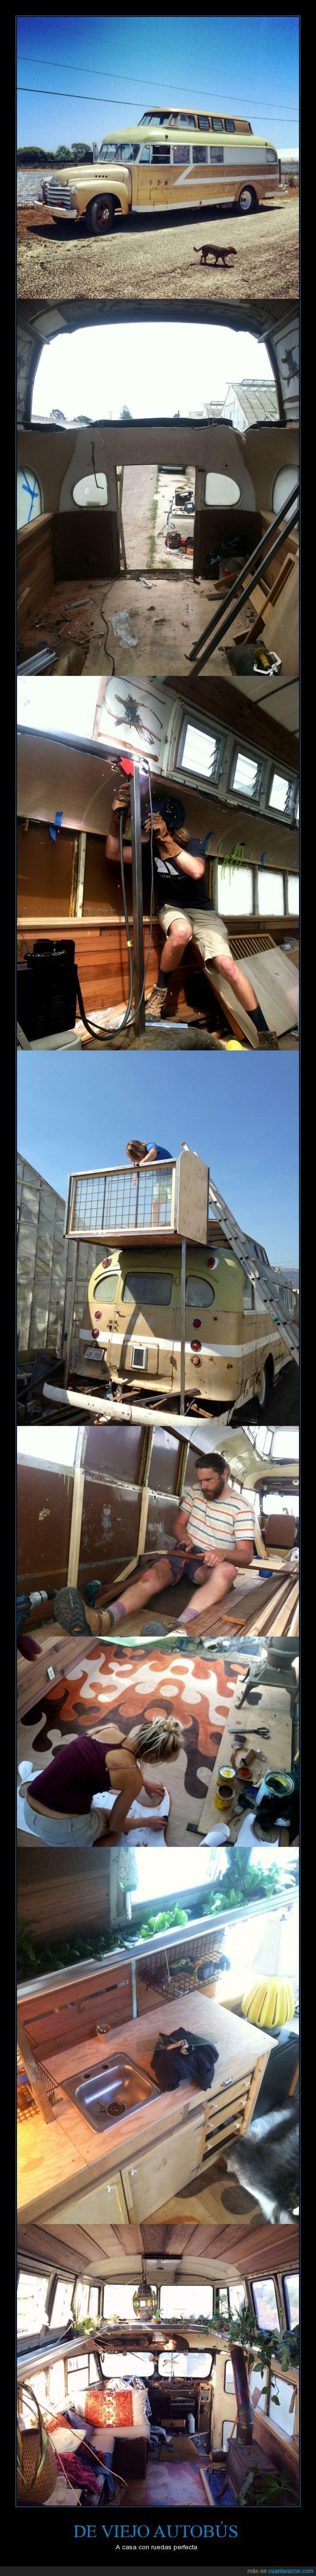 autobus,autocaravana,bus,caravana,casa,estados unidos,hogar,remodelación,Ryan Lovelace,surf,surfero,vintage